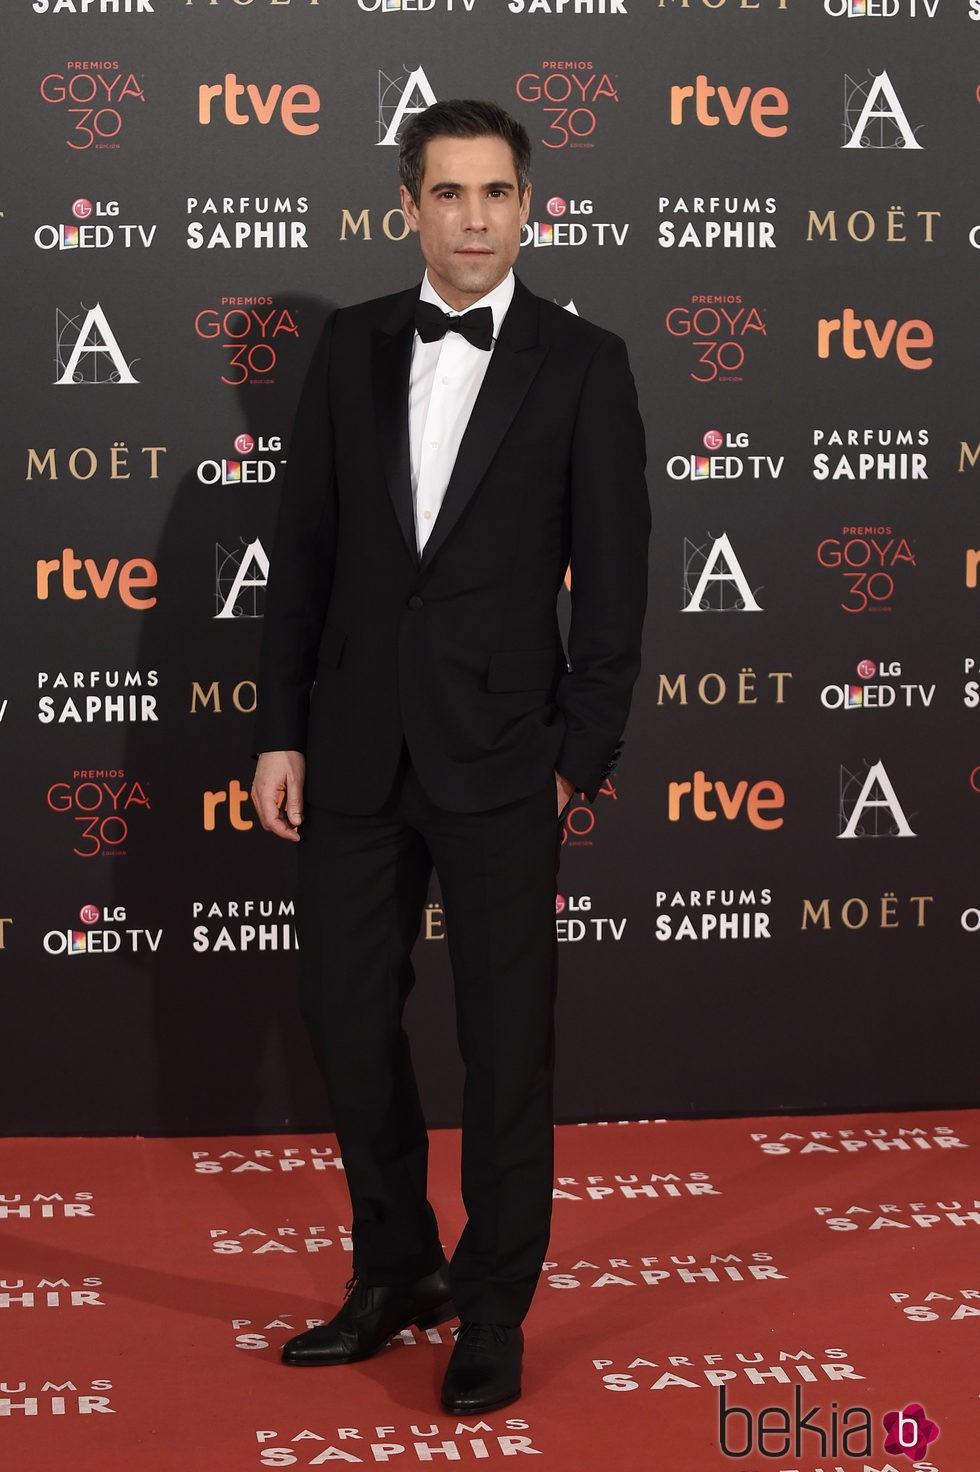 Unax Ugalde en la alfombra roja de los Premios Goya 2016